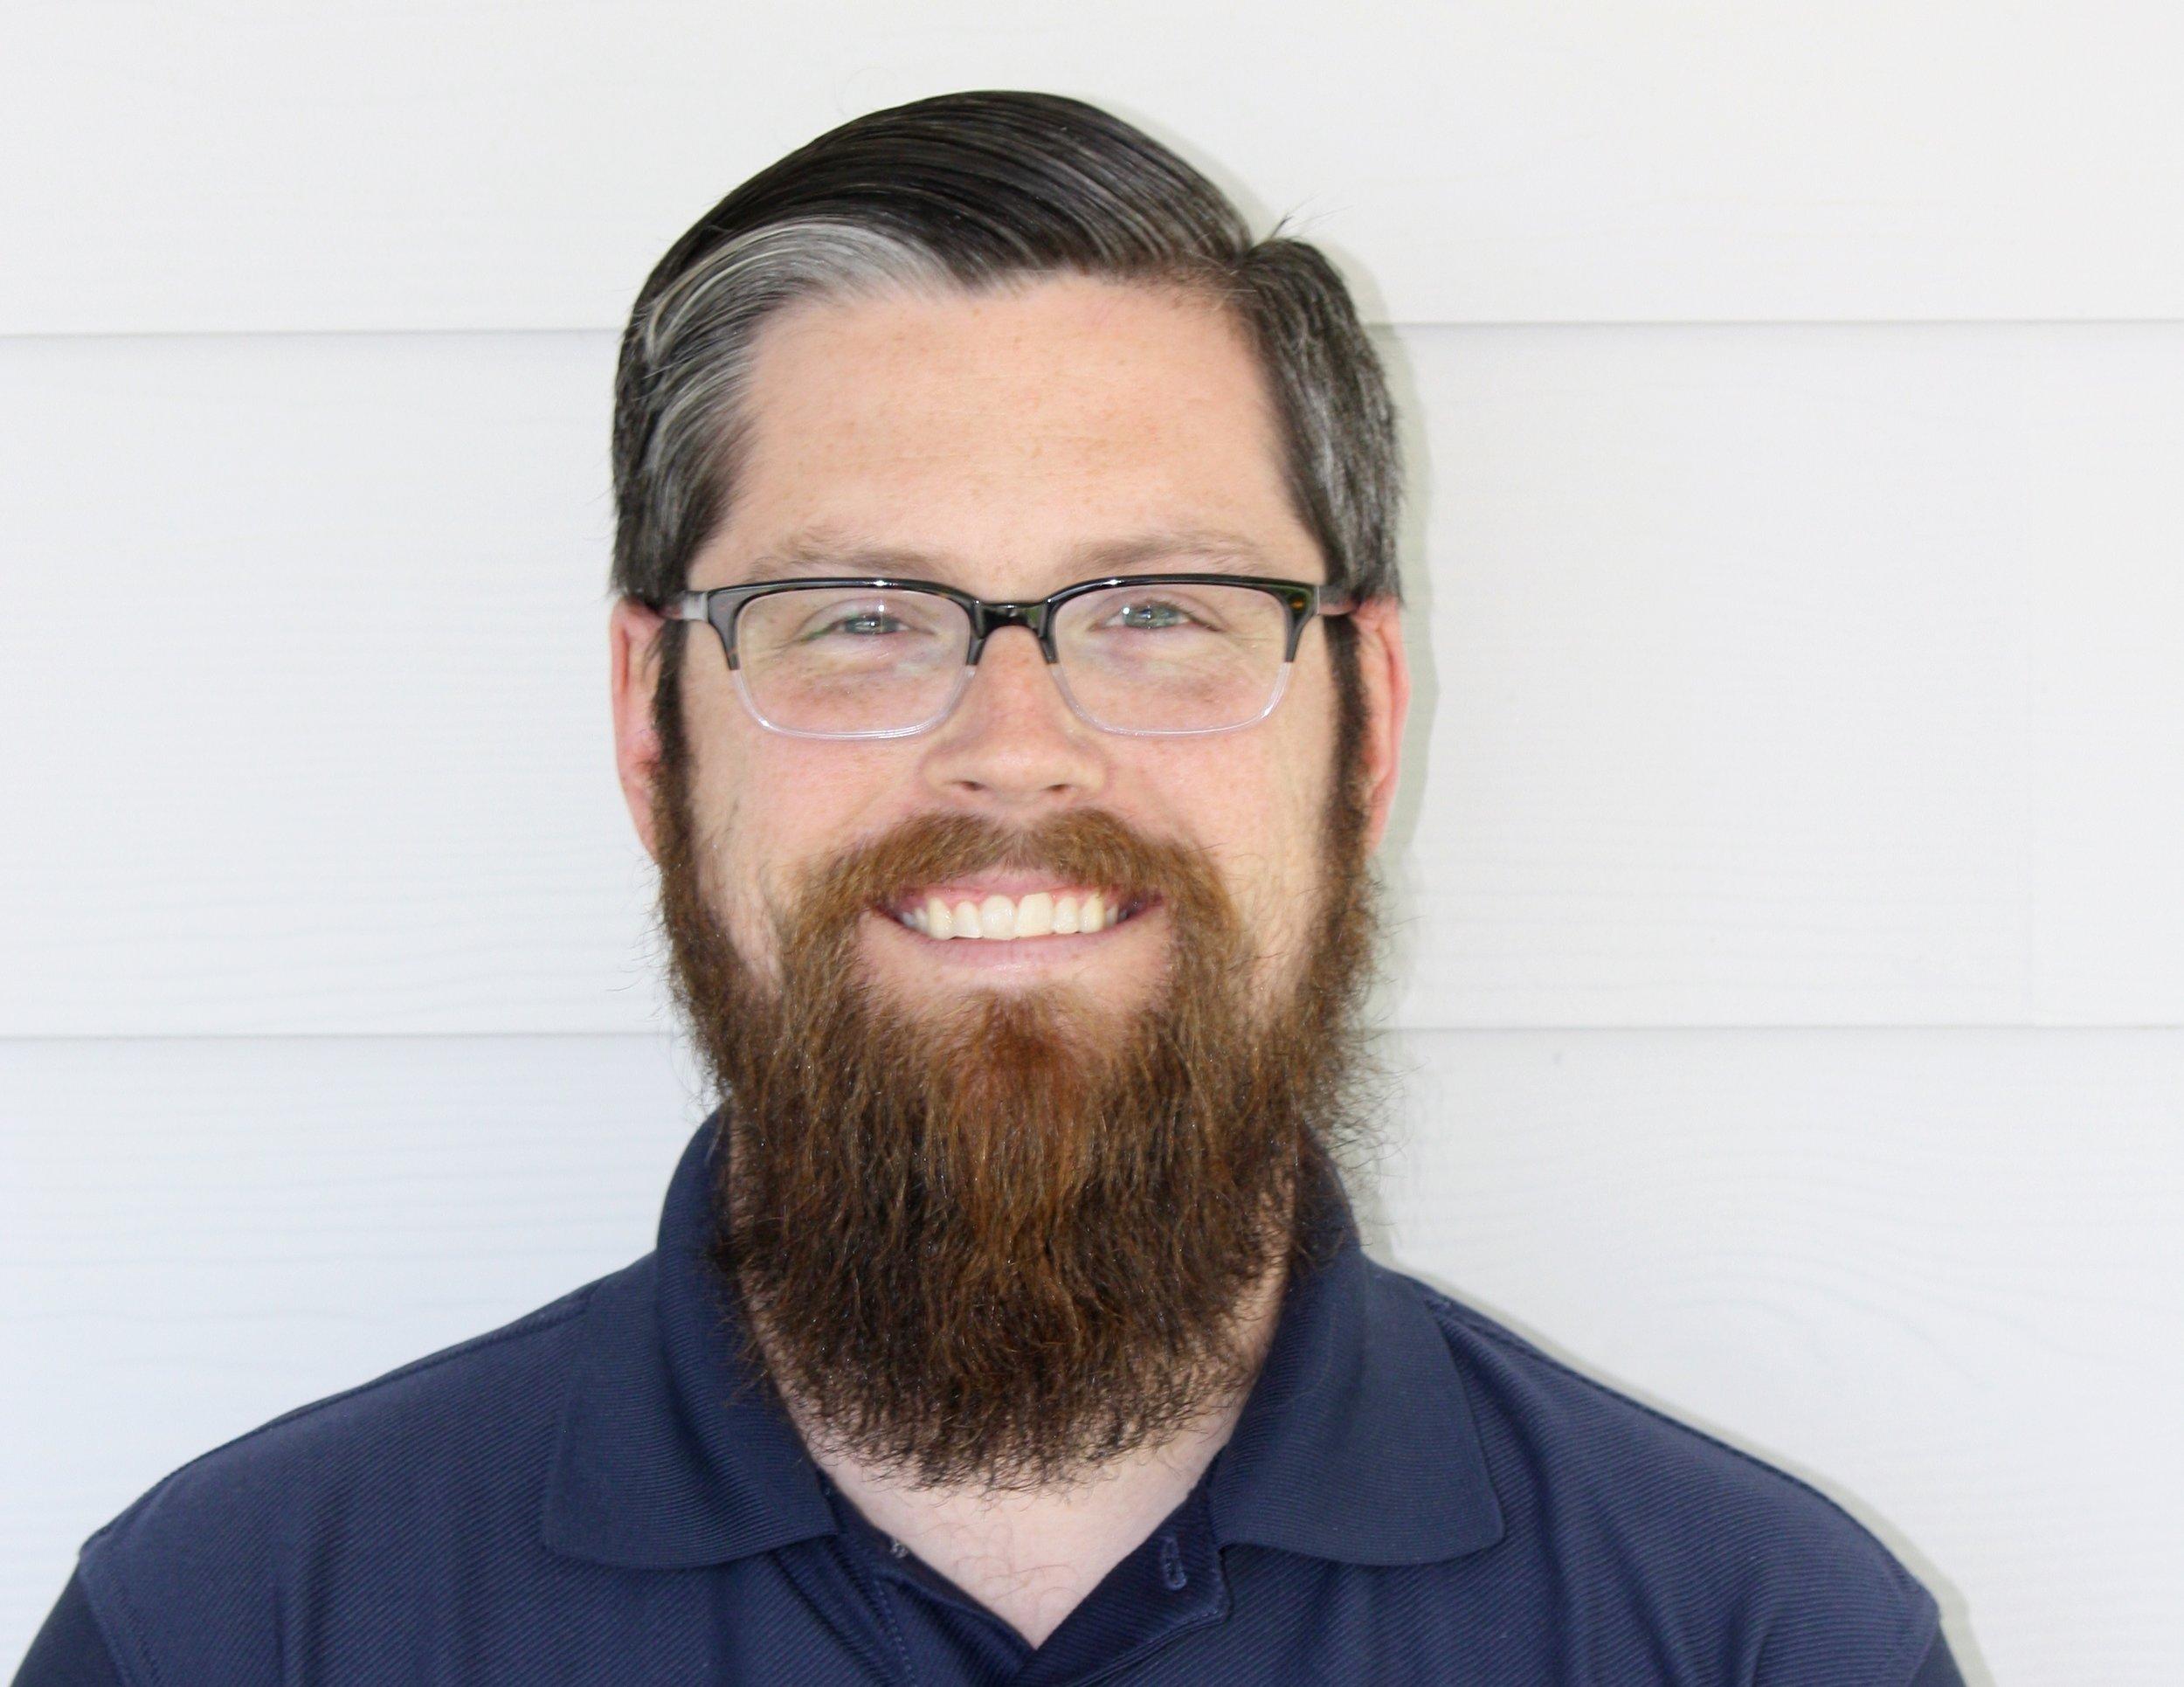 Jared - jared.thomas@ngu.edu